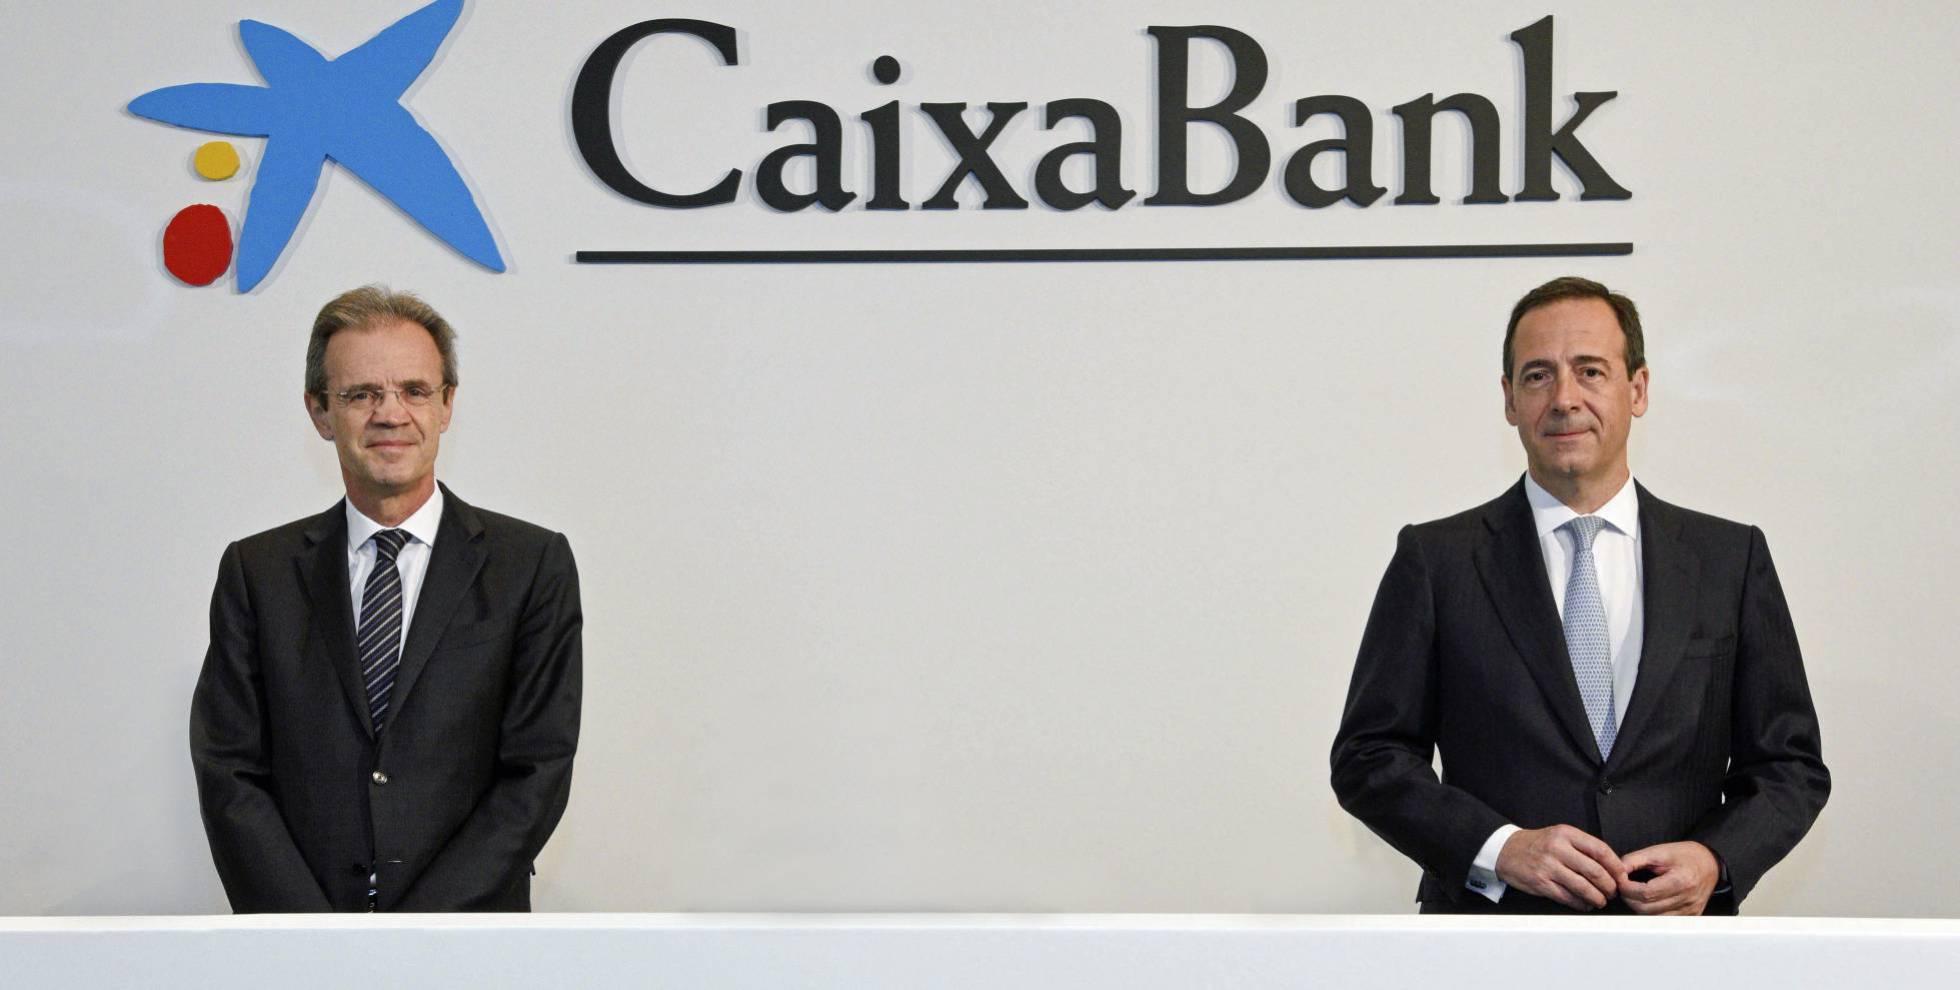 'Carnicería' laboral en CaixaBank: cierre de 1.534 oficinas y 8.291 despidos